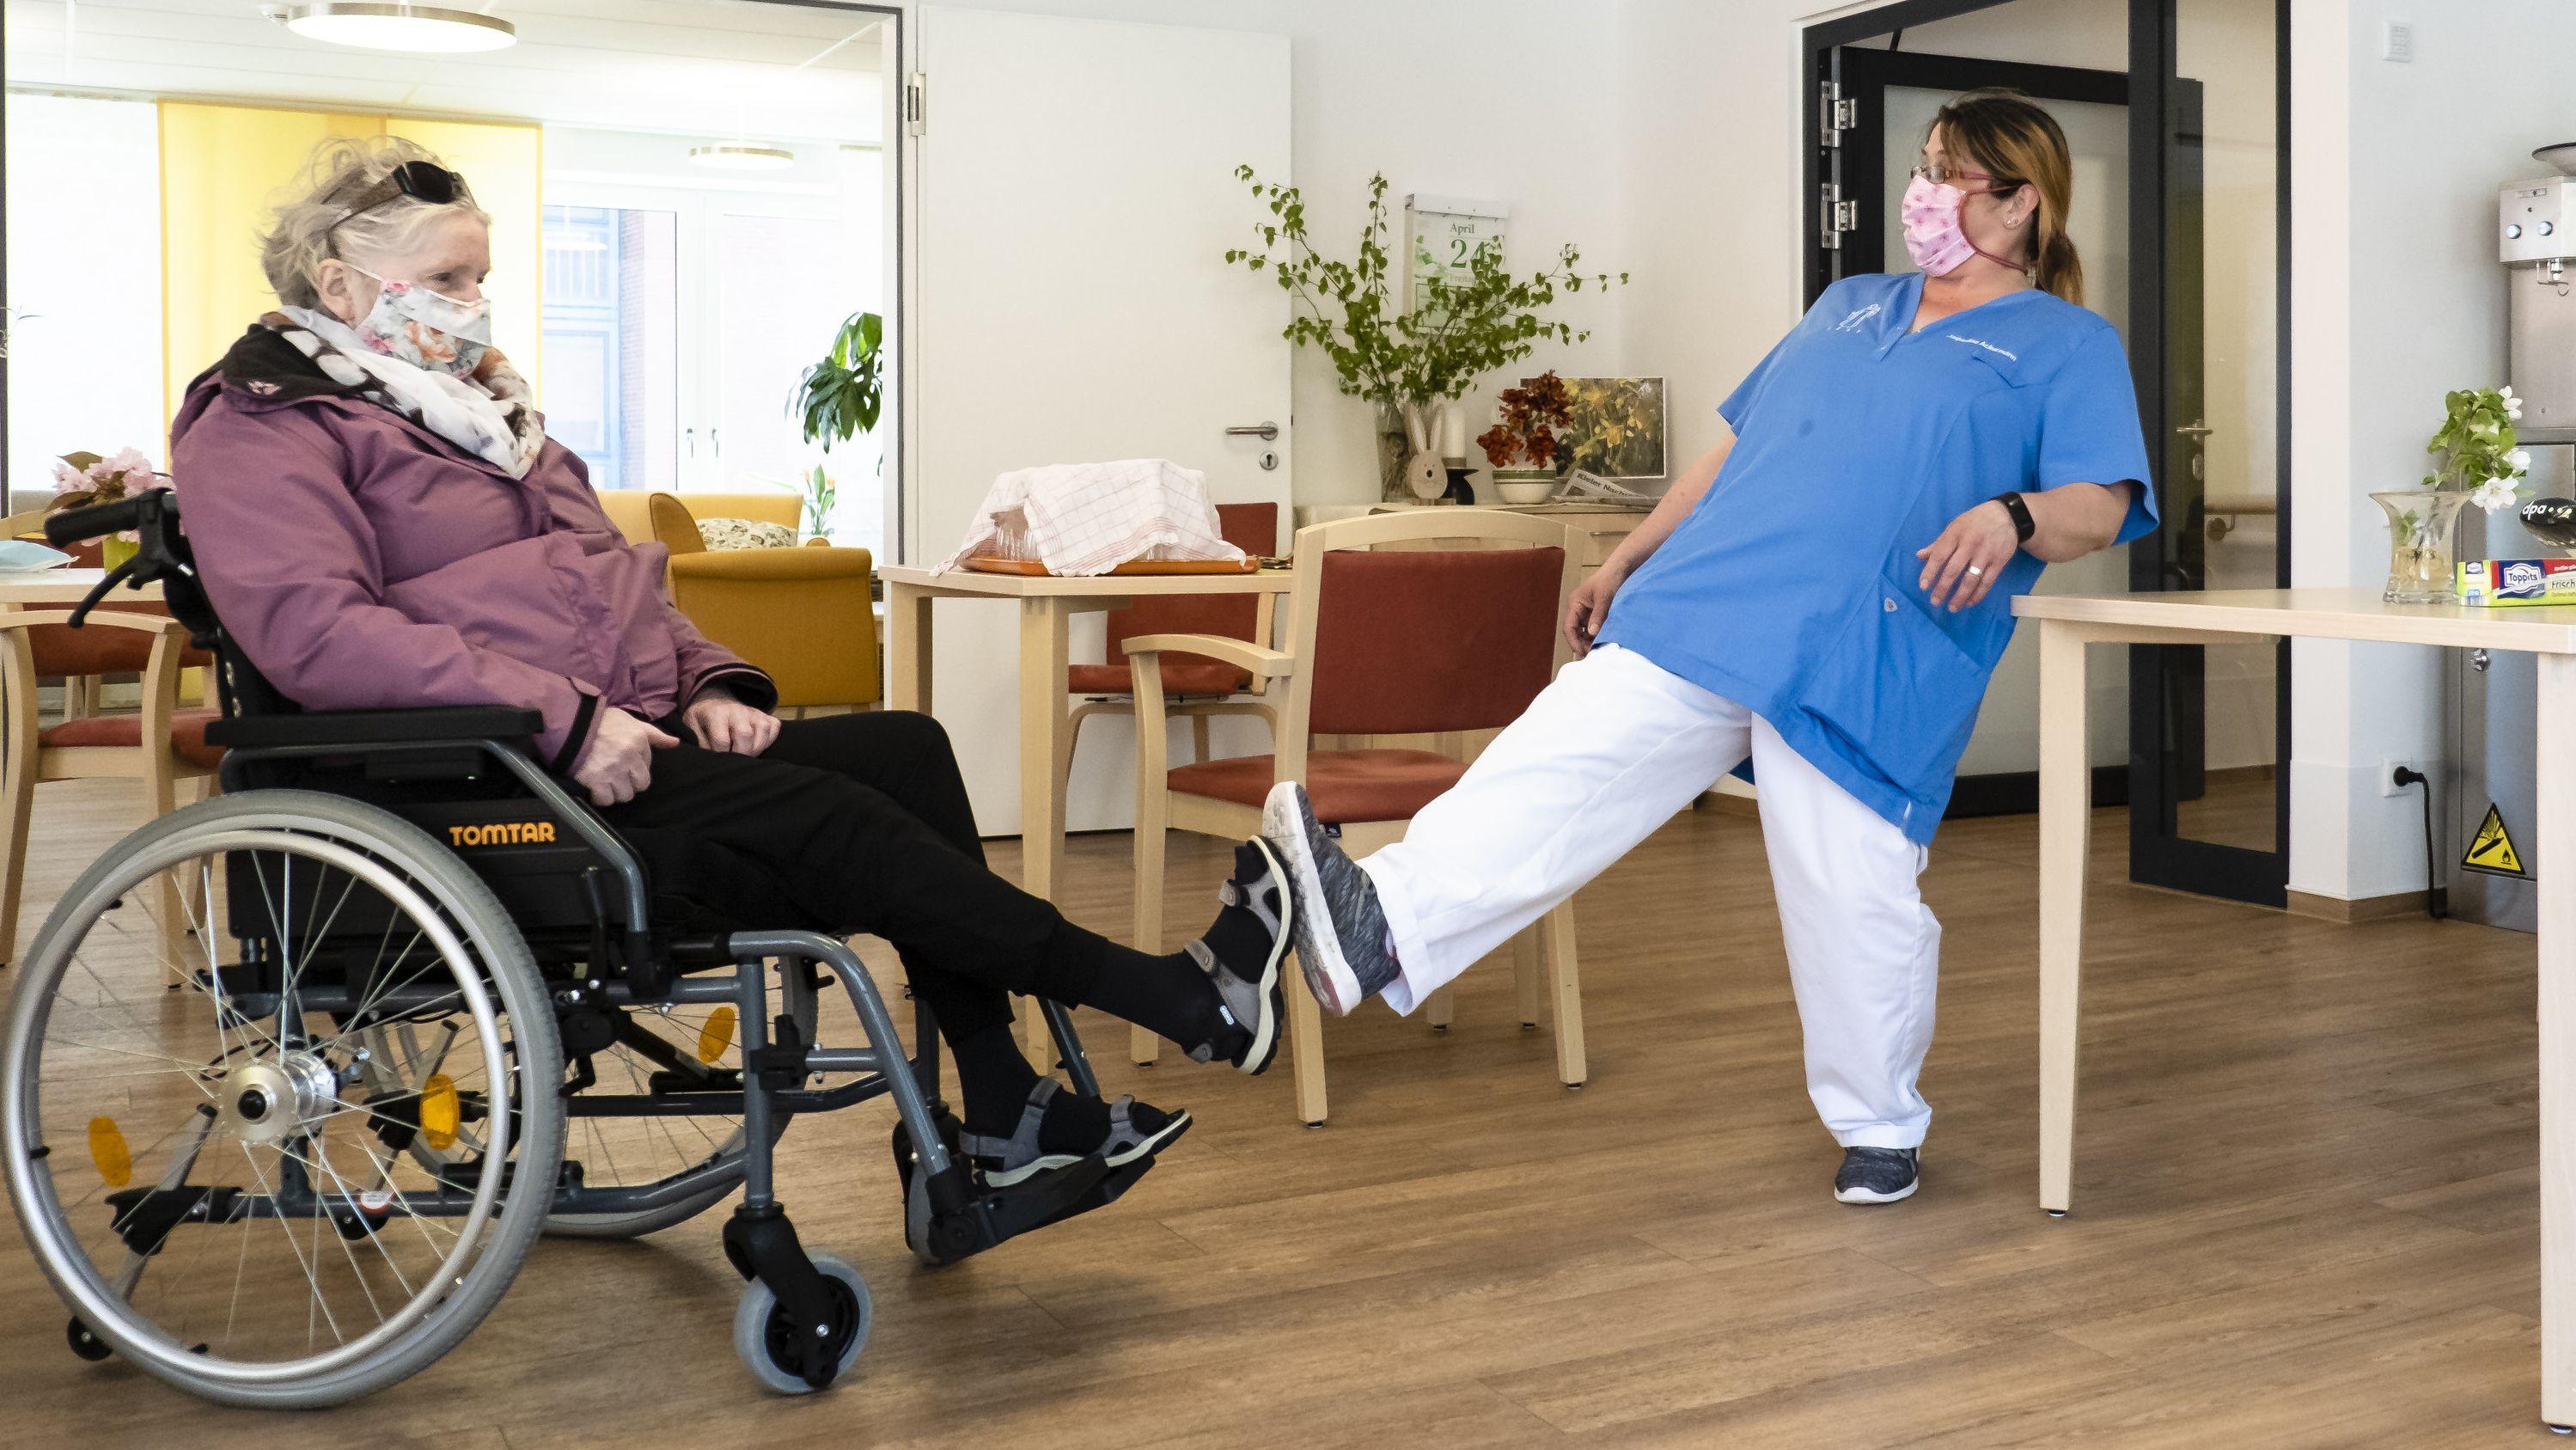 Eine Altenpflegerin und eine Bewohnerin einer Pflegeeinrichtung begrüßen sich per Fuß.